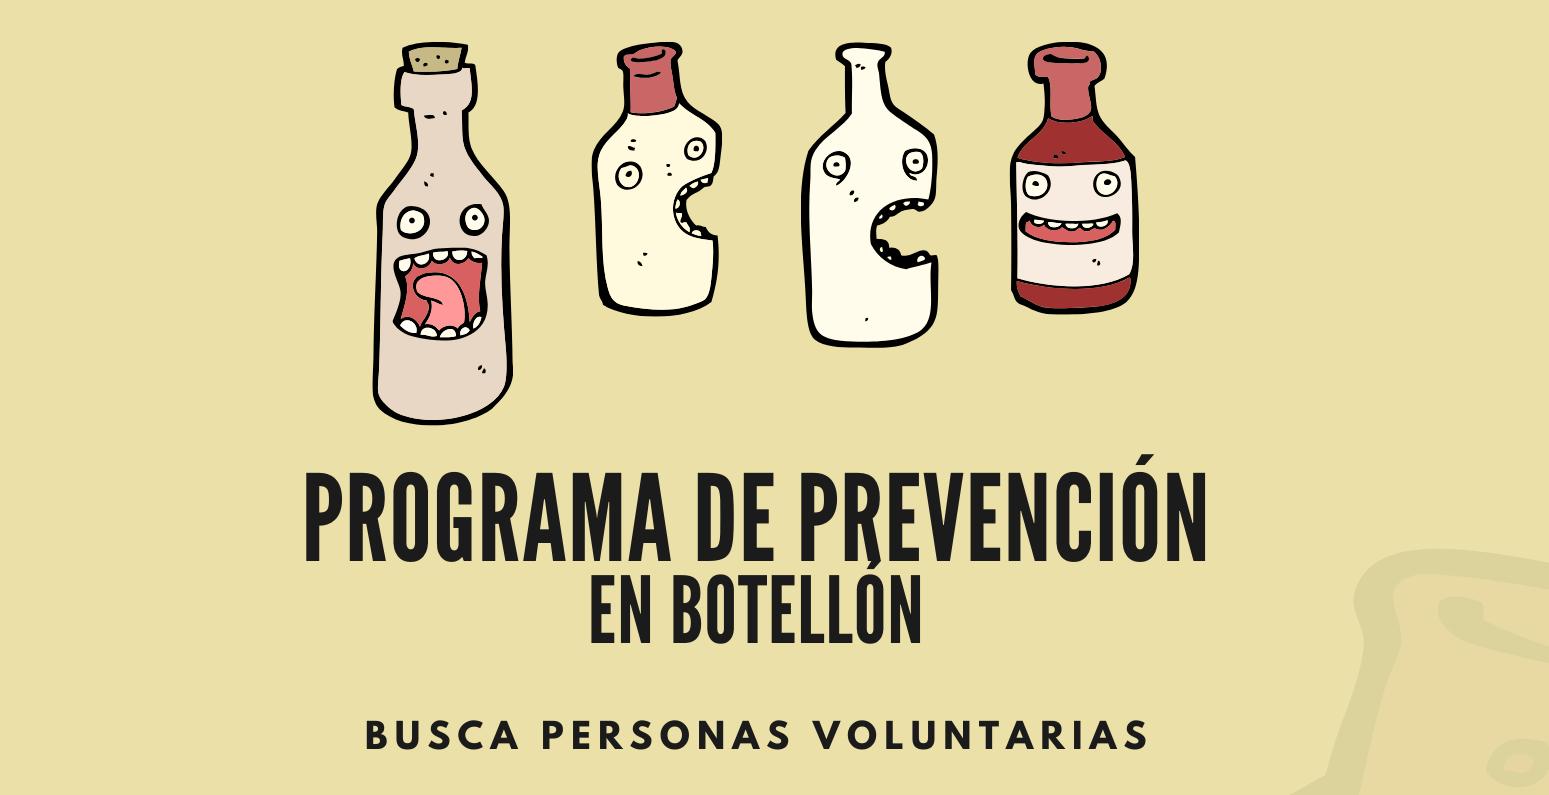 Buscamos personas voluntarias para el proyecto de prevención en 'botellón' de Madrid